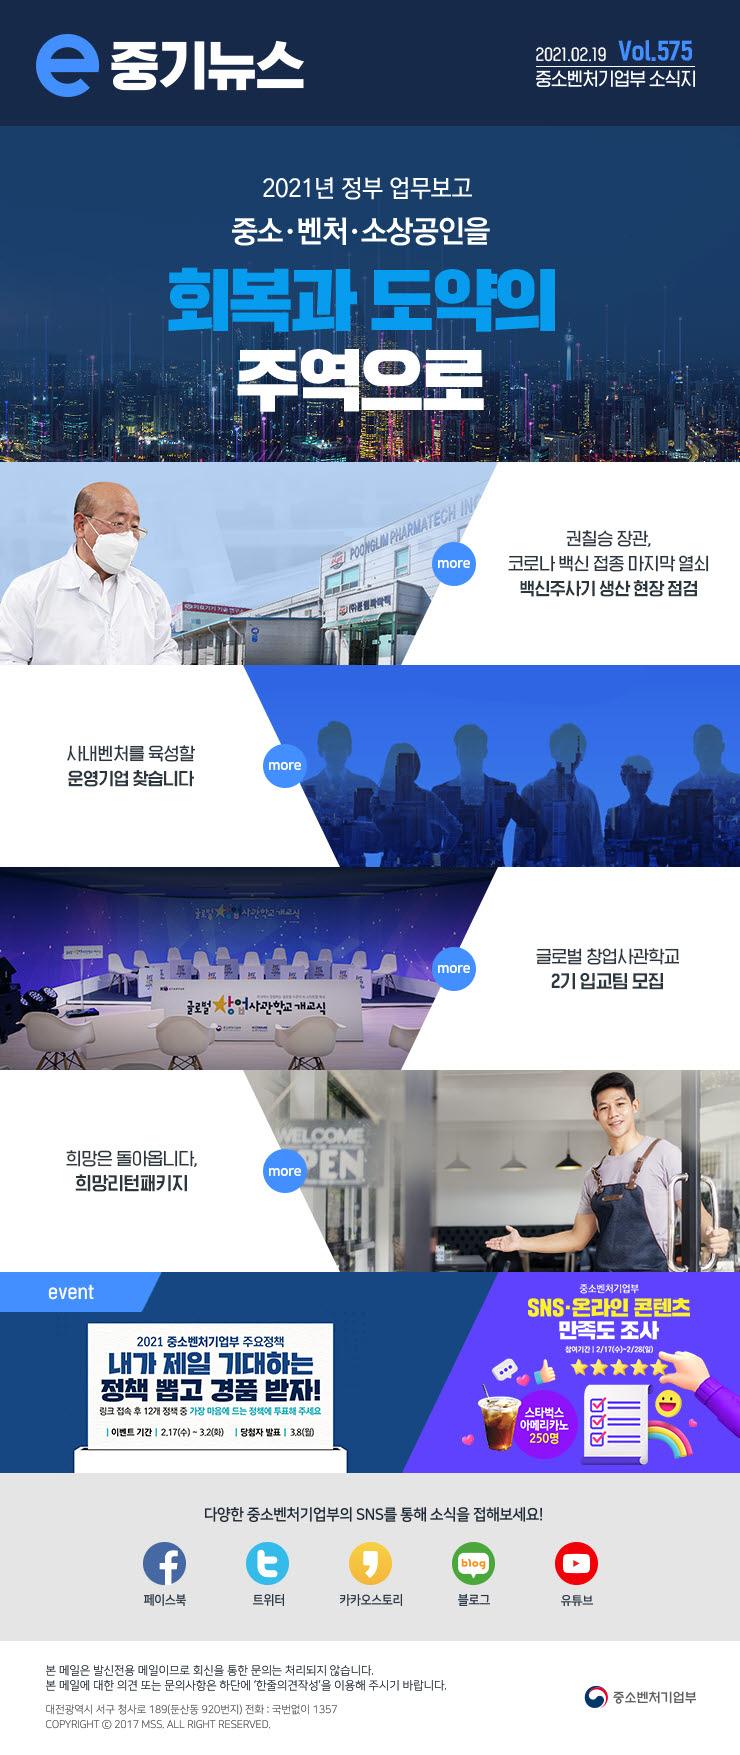 e중기뉴스 2021.02.19 575호 중소벤처기업부